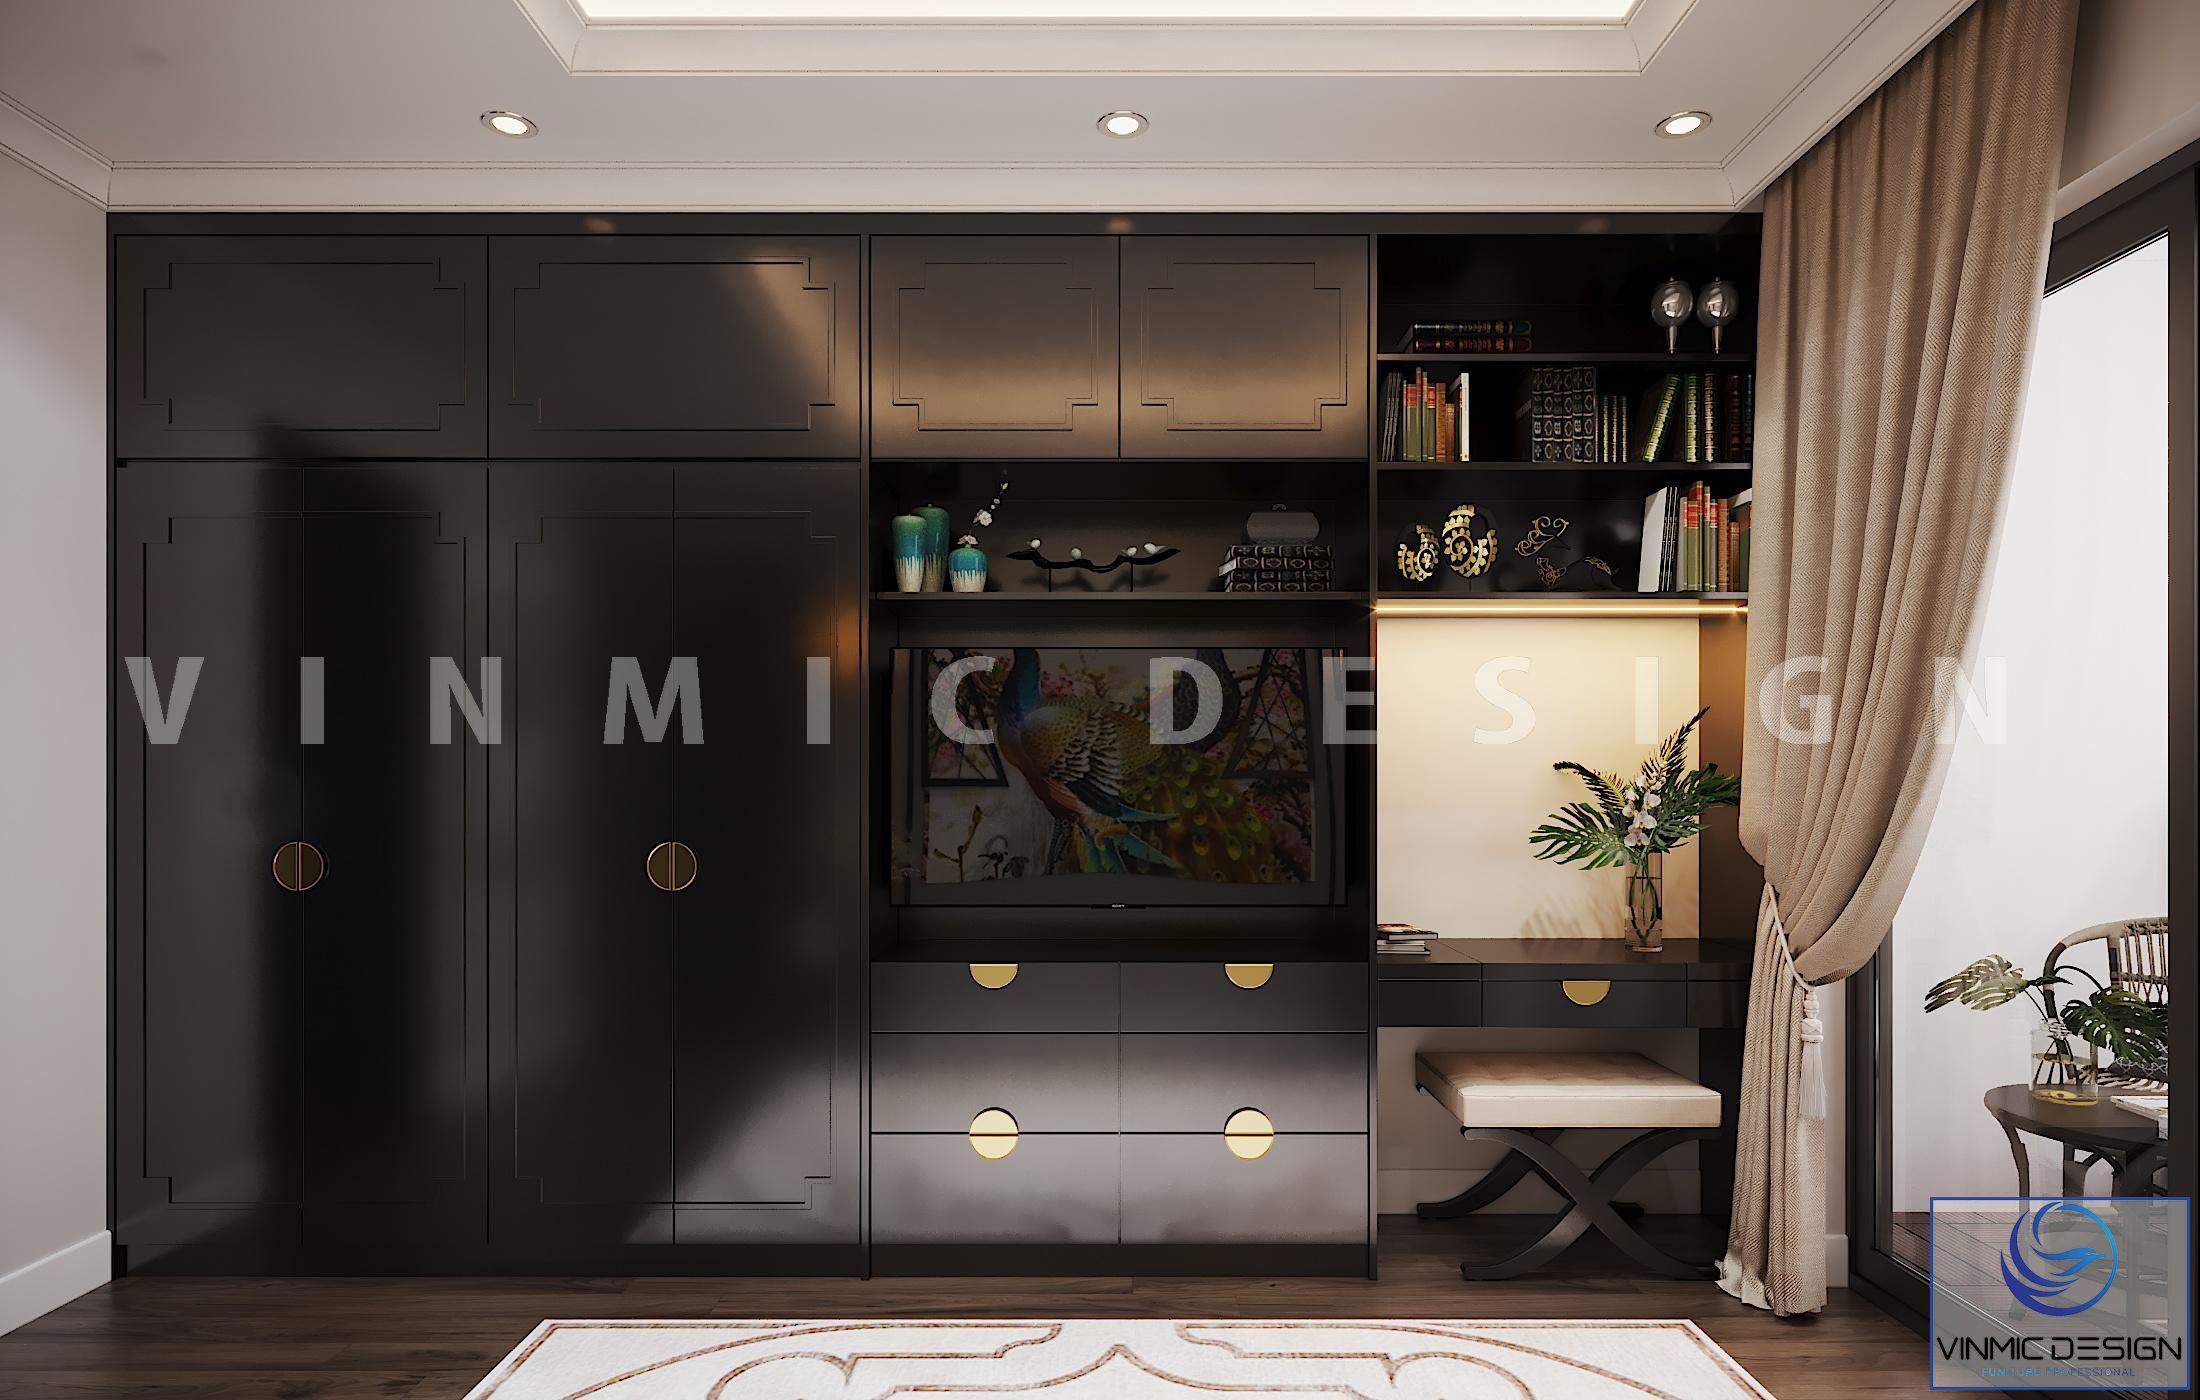 Tủ quần áo được thiết kế sang trọng với tay nắm mạ vàng trên nền tone đen nổi bật của phòng ngủ vợ chồng anh Sơn